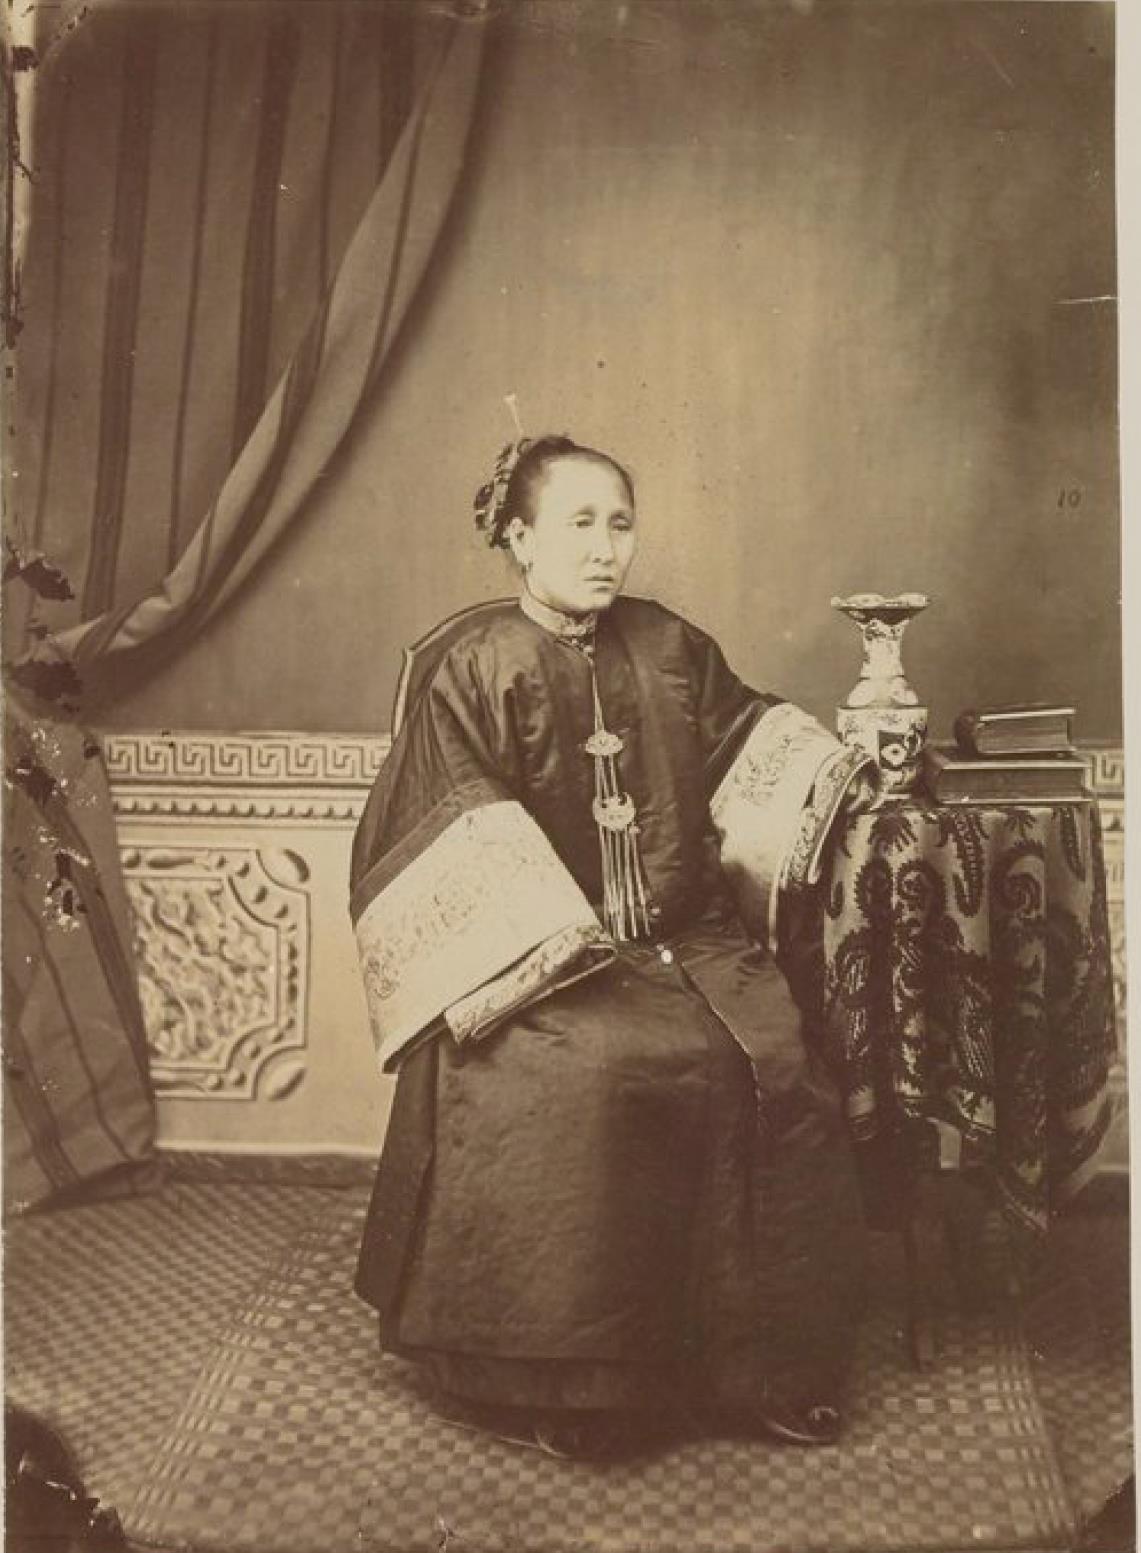 Окрестности Благовещенска. Жена богатого маньчжурского торговца из Айгуна в 32 км ниже по течению от Благовещенска. 1872